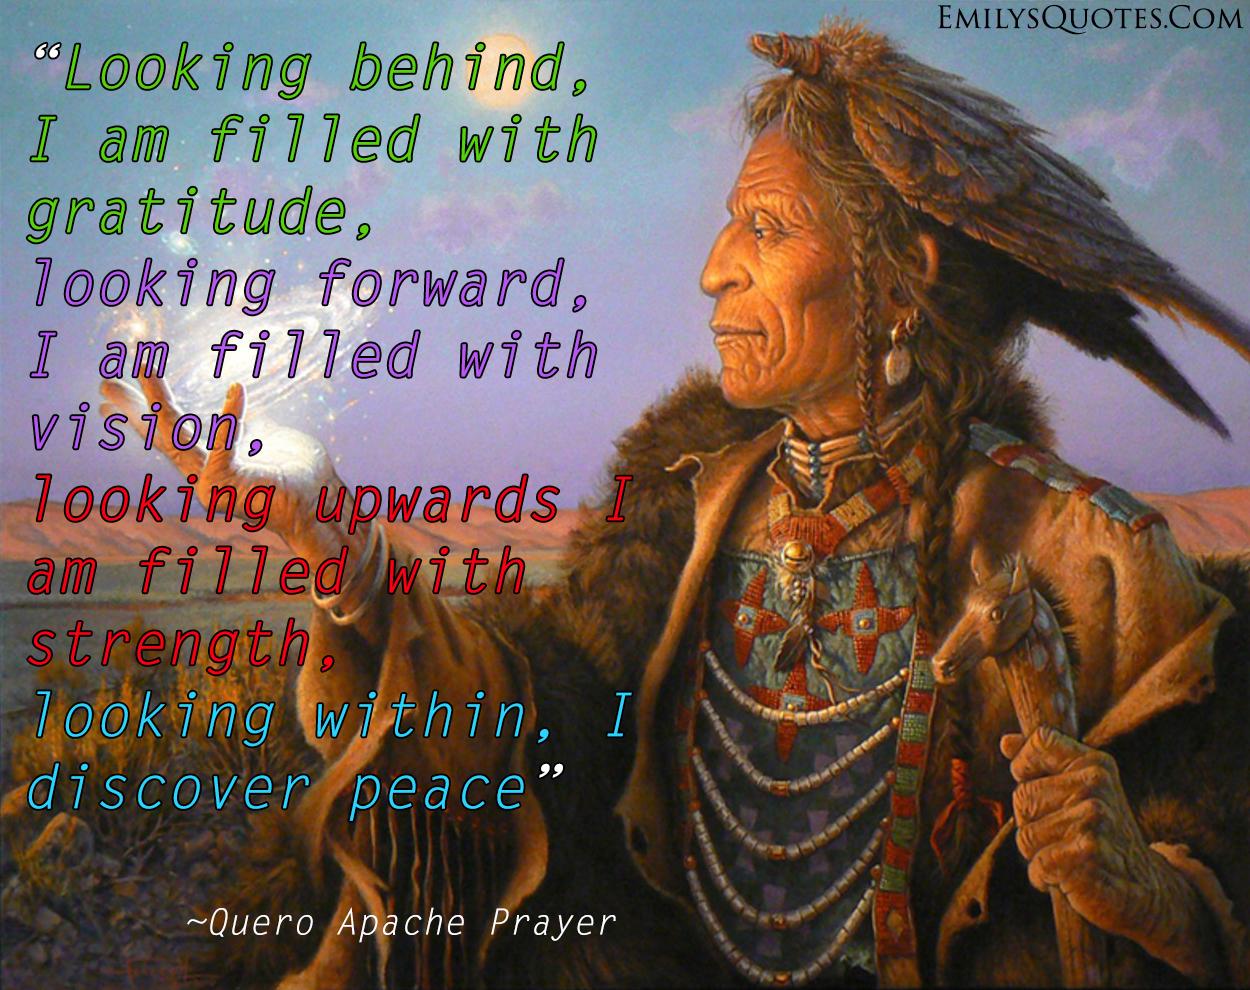 EmilysQuotes.Com - wisdom, spirit, gratitude, vision, strength, peace, inspirational, Quero Apache Prayer